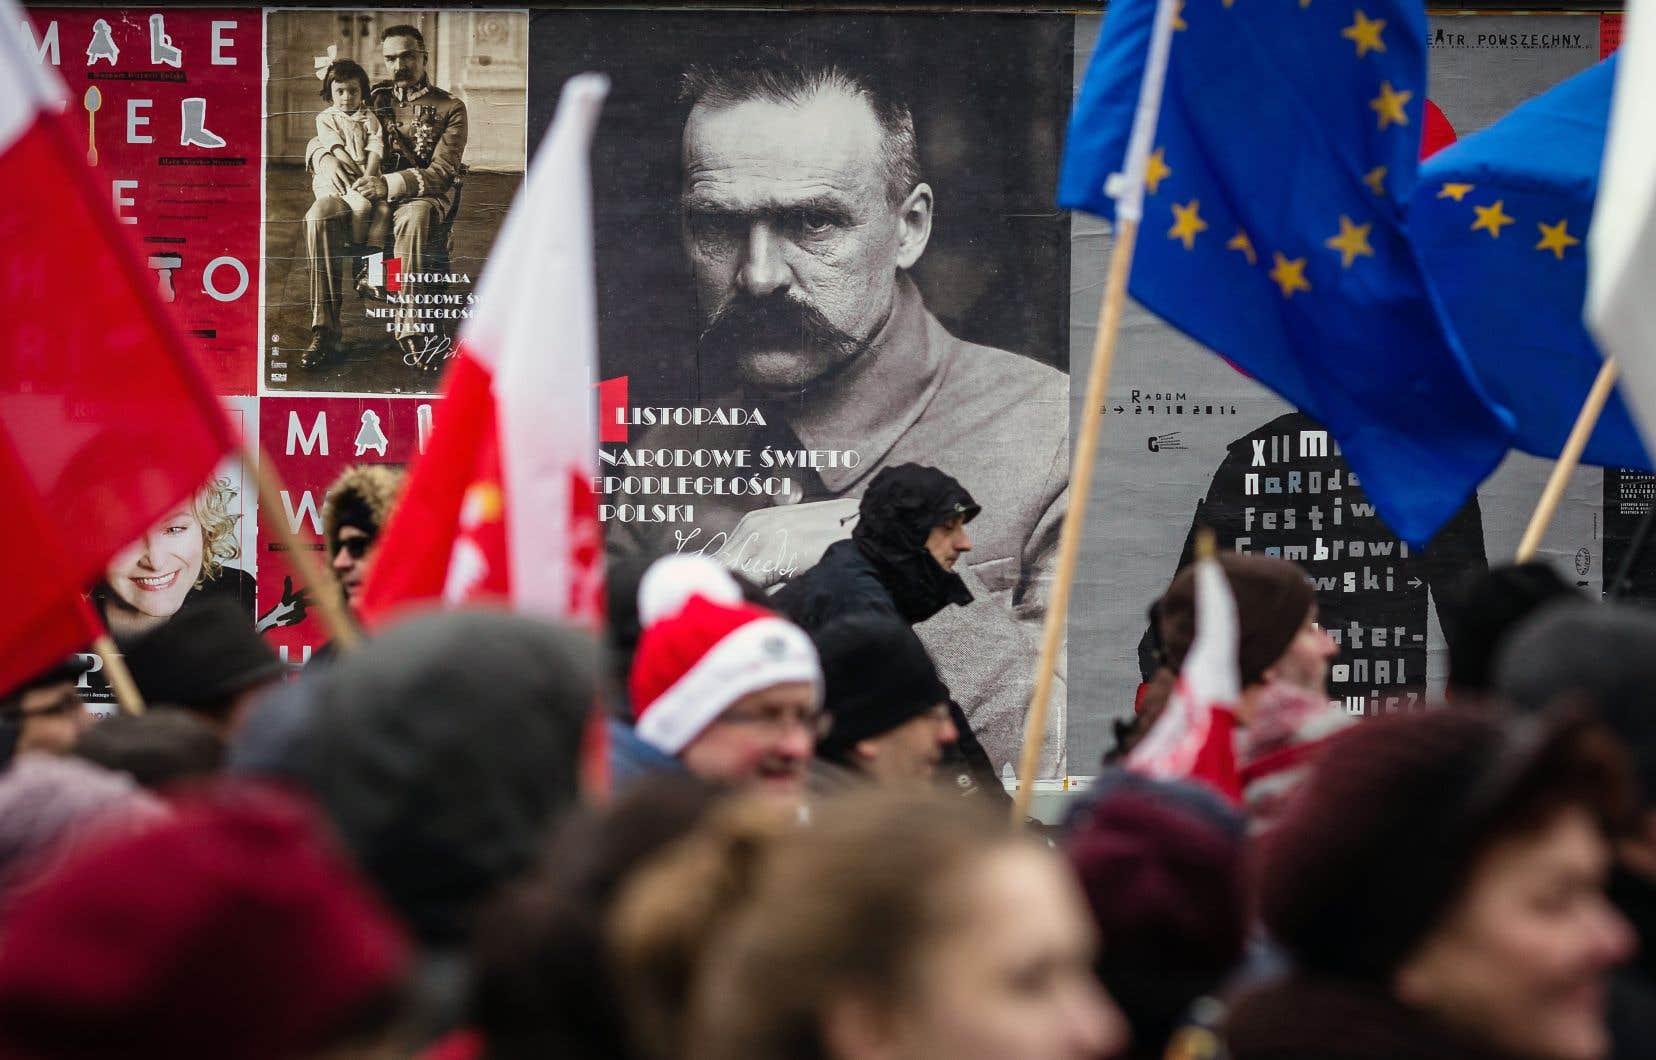 Une manifestation du Comité de défense de la démocratie, à Varsovie le 11 novembre 2016, est passée sous le portrait de Józef Pilsudski, à qui est attribuée la création de la seconde république de Pologne en 1918.